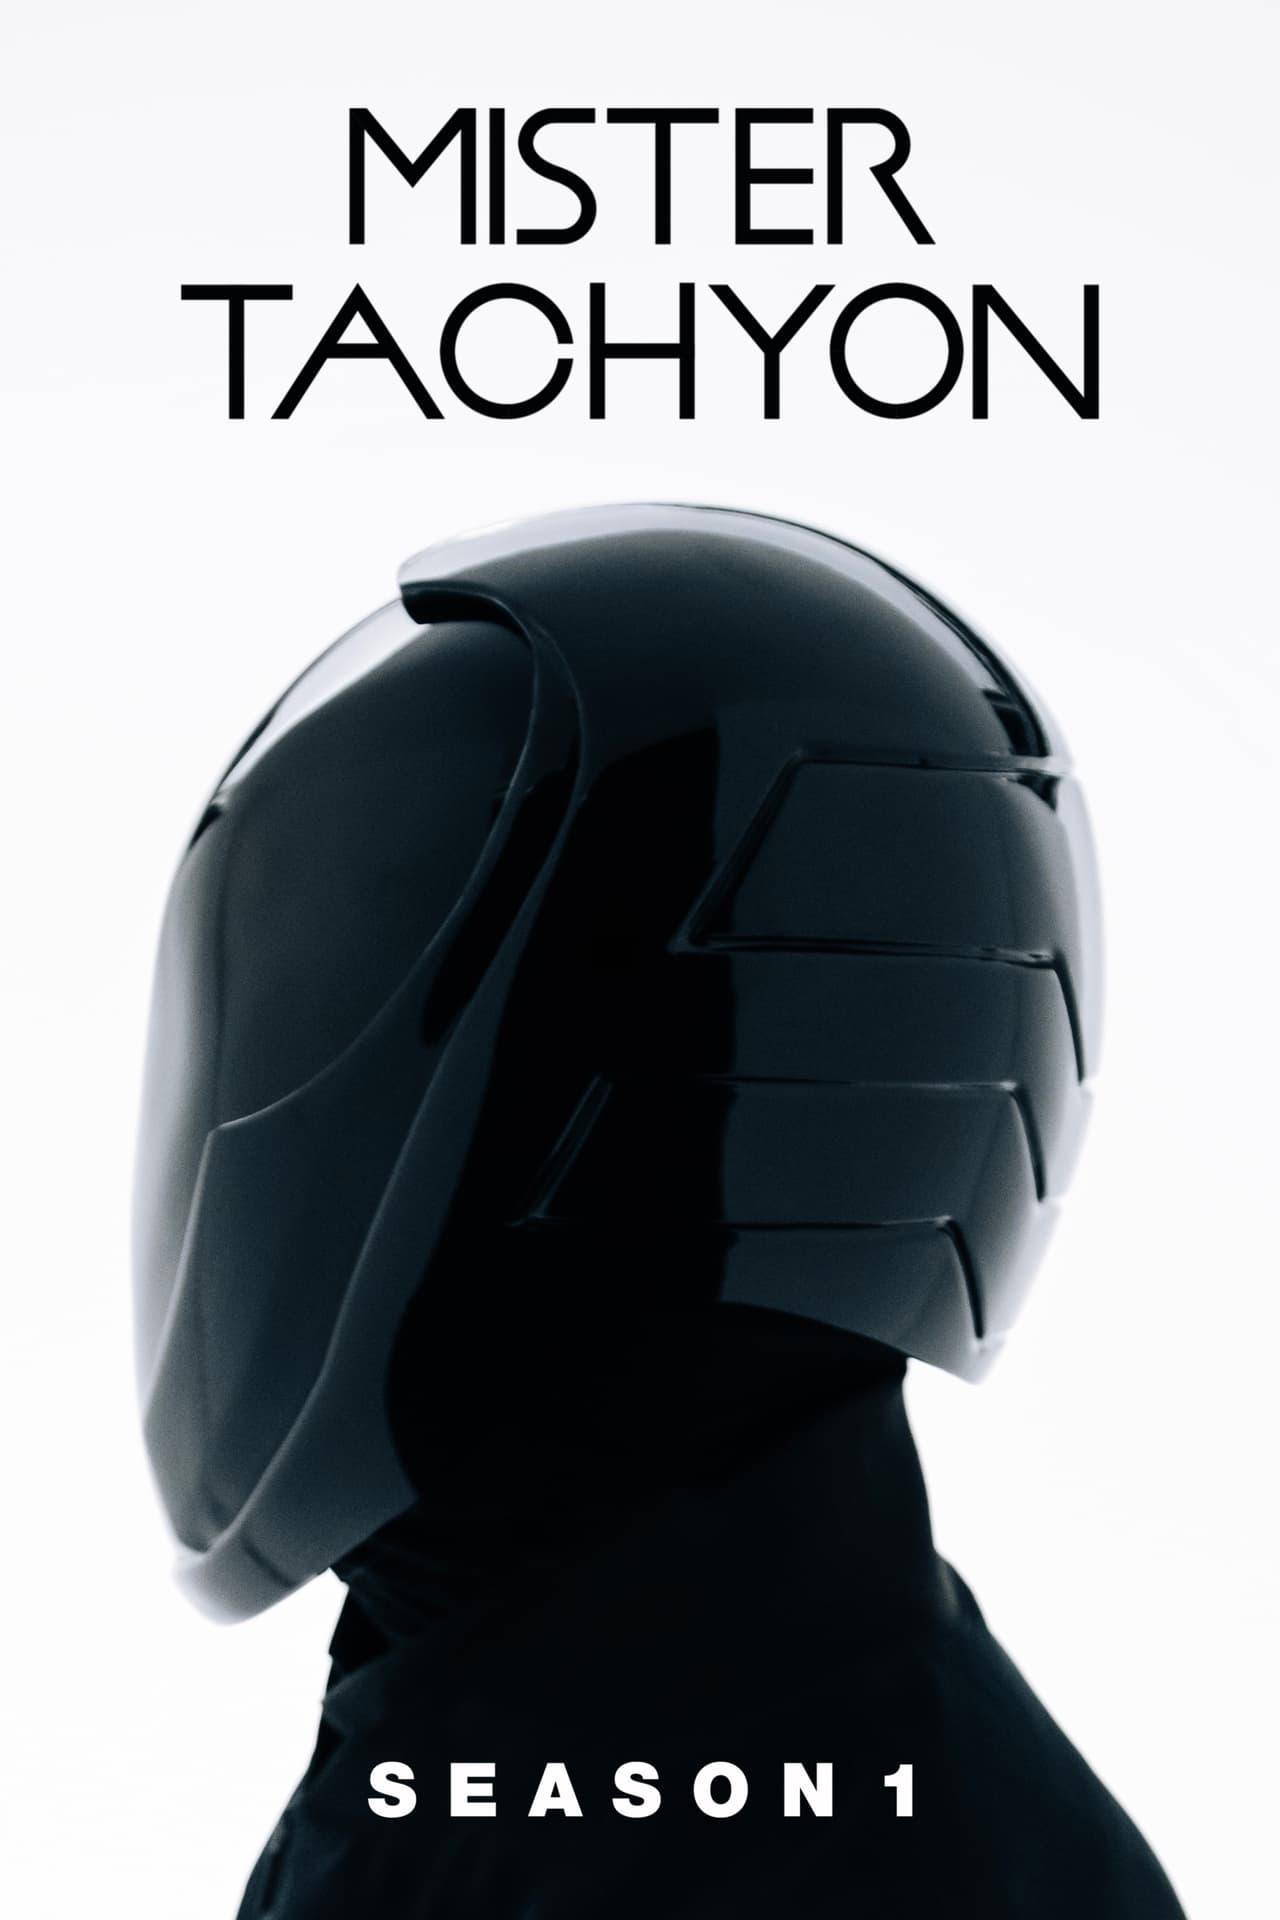 Mister Tachyon Season 1